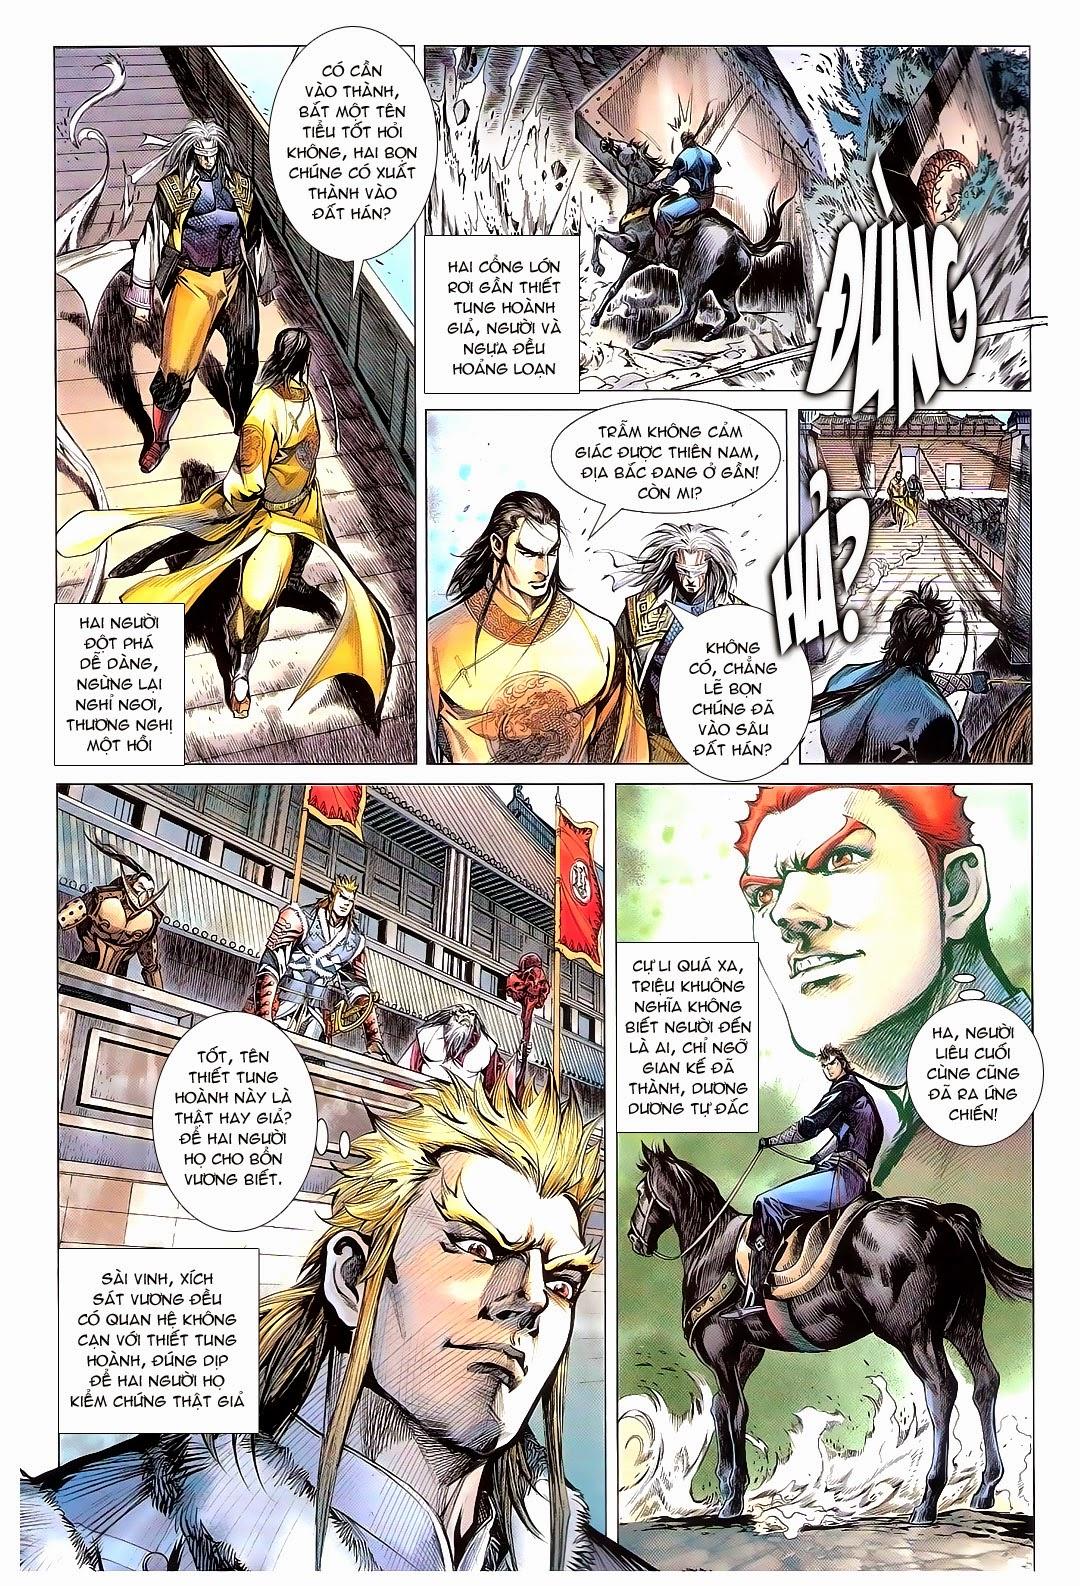 tuoithodudoi.com Thiết Tướng Tung Hoành Chapter 110 - 22.jpg